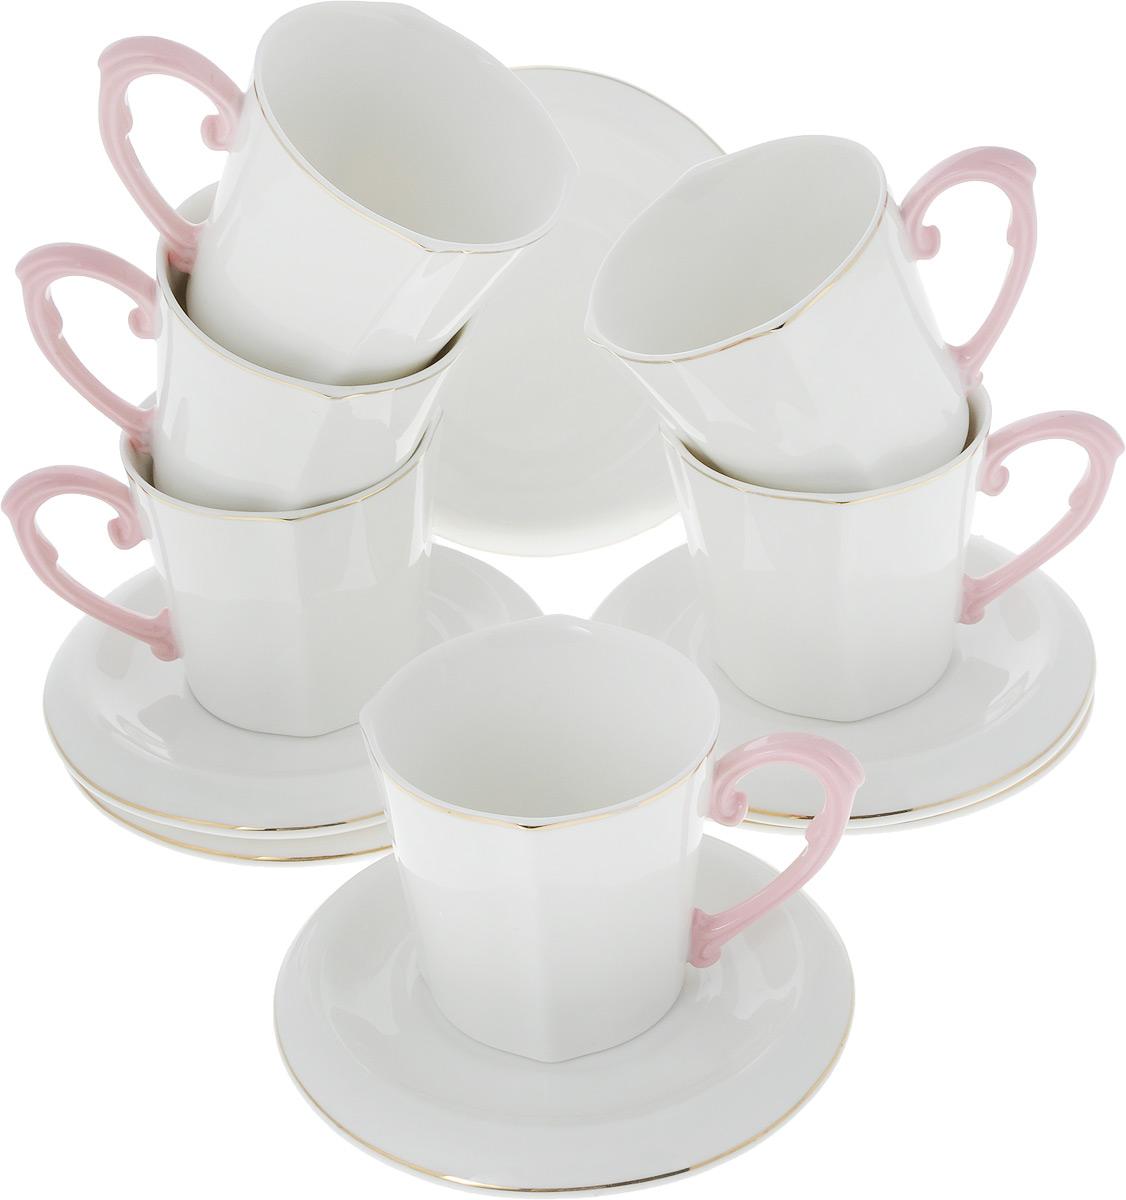 Фото - Сервиз чайный Loraine Нежность, 12 предметов. 26644 [супермаркет] jingdong геб scybe фил приблизительно круглая чашка установлена в вертикальном положении стеклянной чашки 290мла 6 z